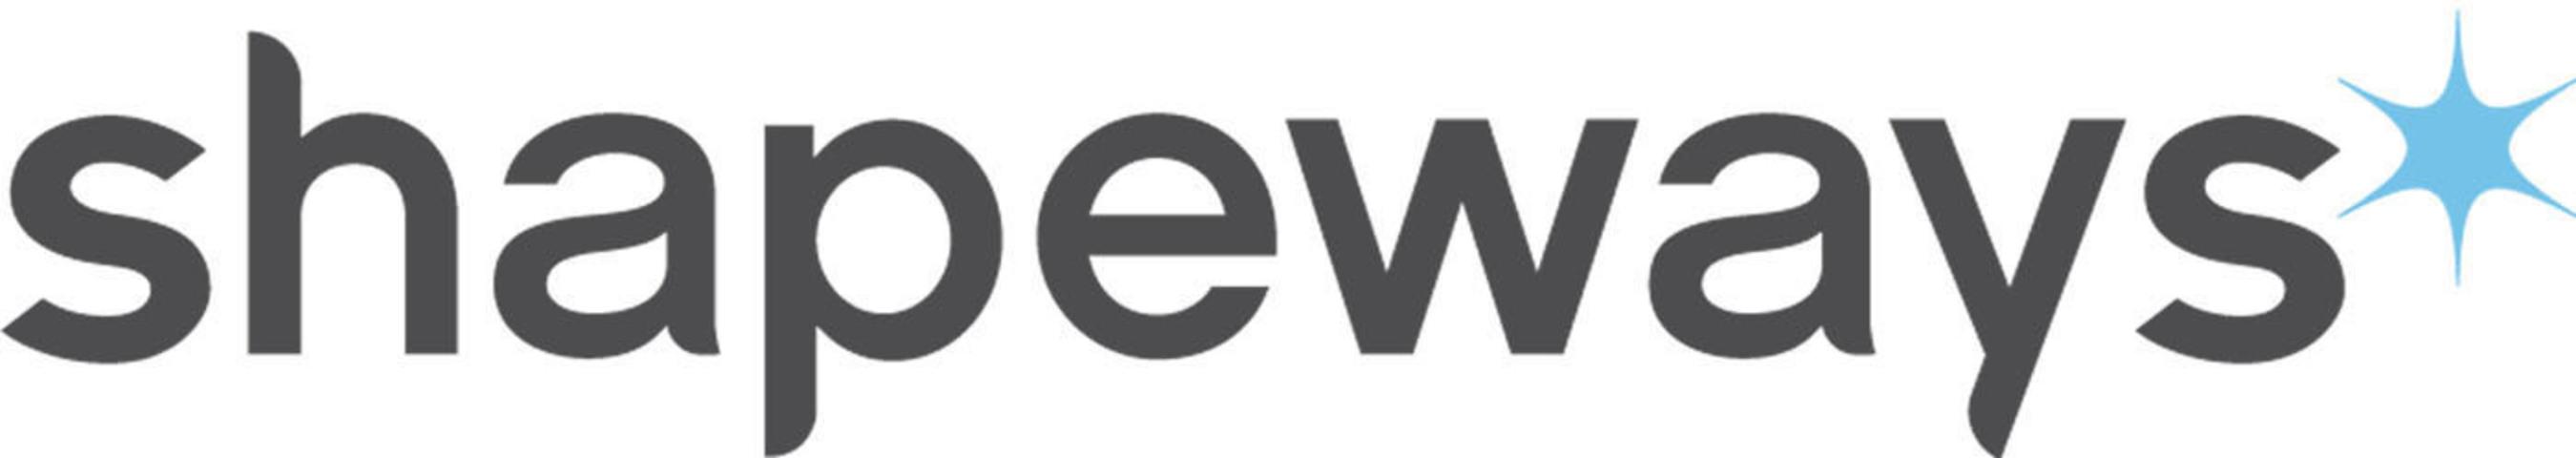 Shapeways haalt $30 miljoen aan financiering op, geleid door INKEF Capital